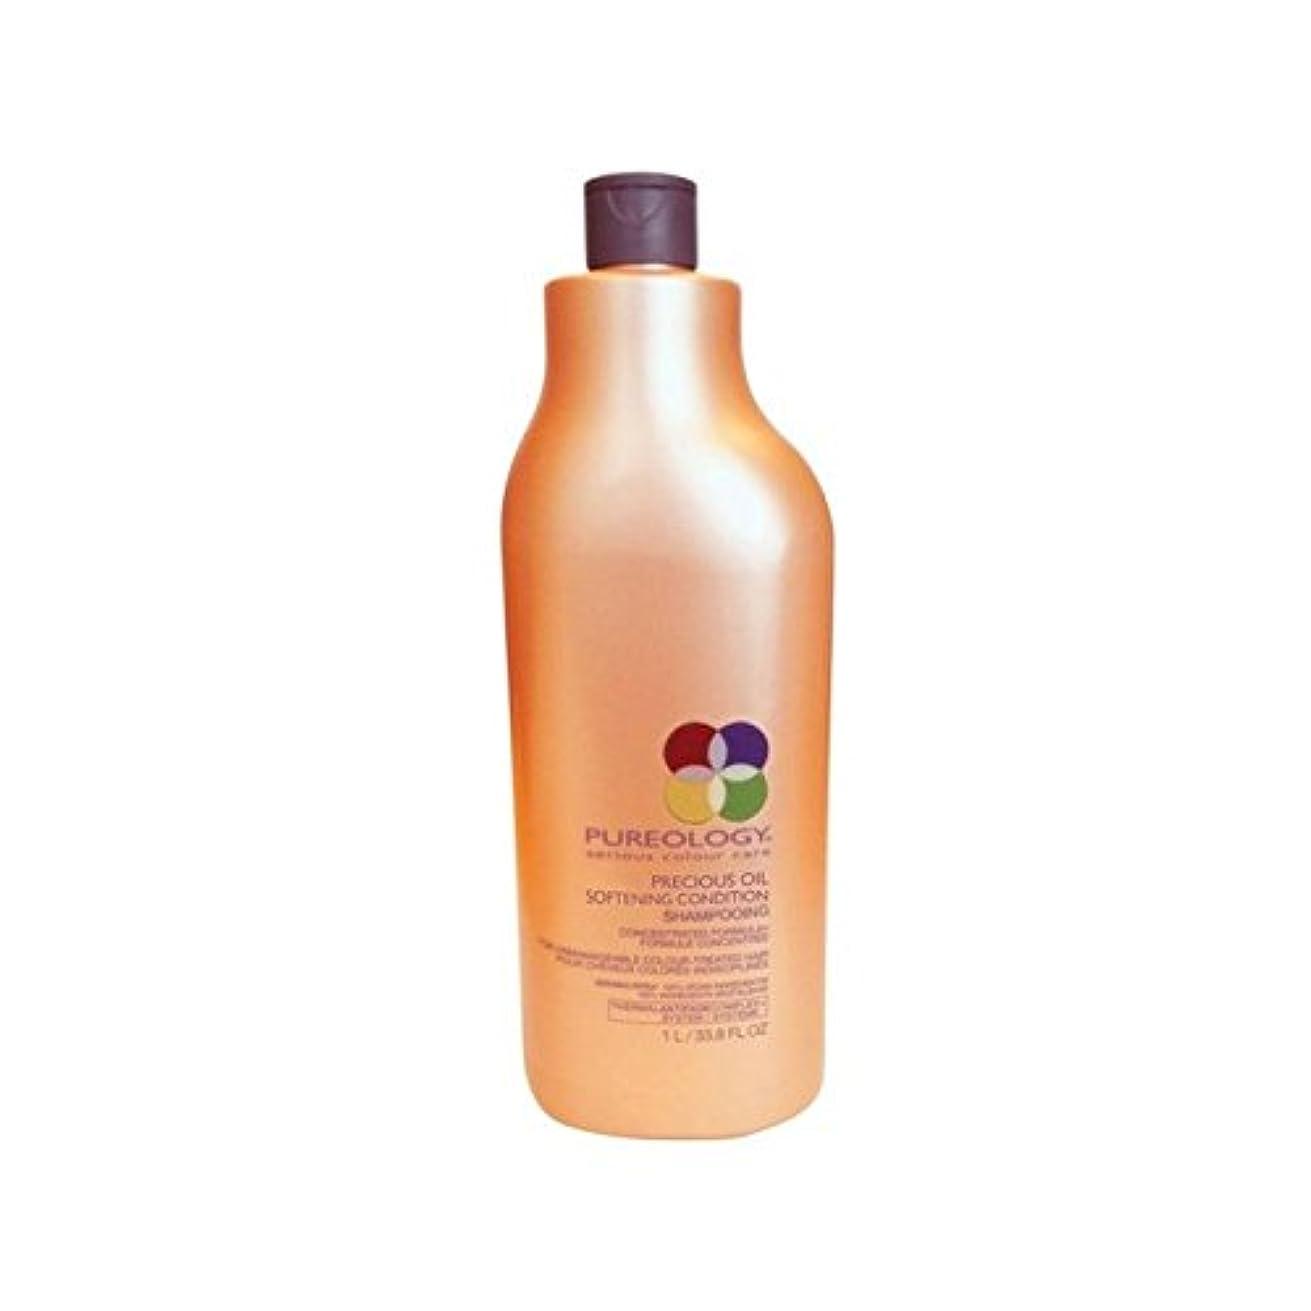 ブース自慢ストロー貴重なオイルコンディショナー(千ミリリットル) x2 - Pureology Precious Oil Conditioner (1000ml) (Pack of 2) [並行輸入品]